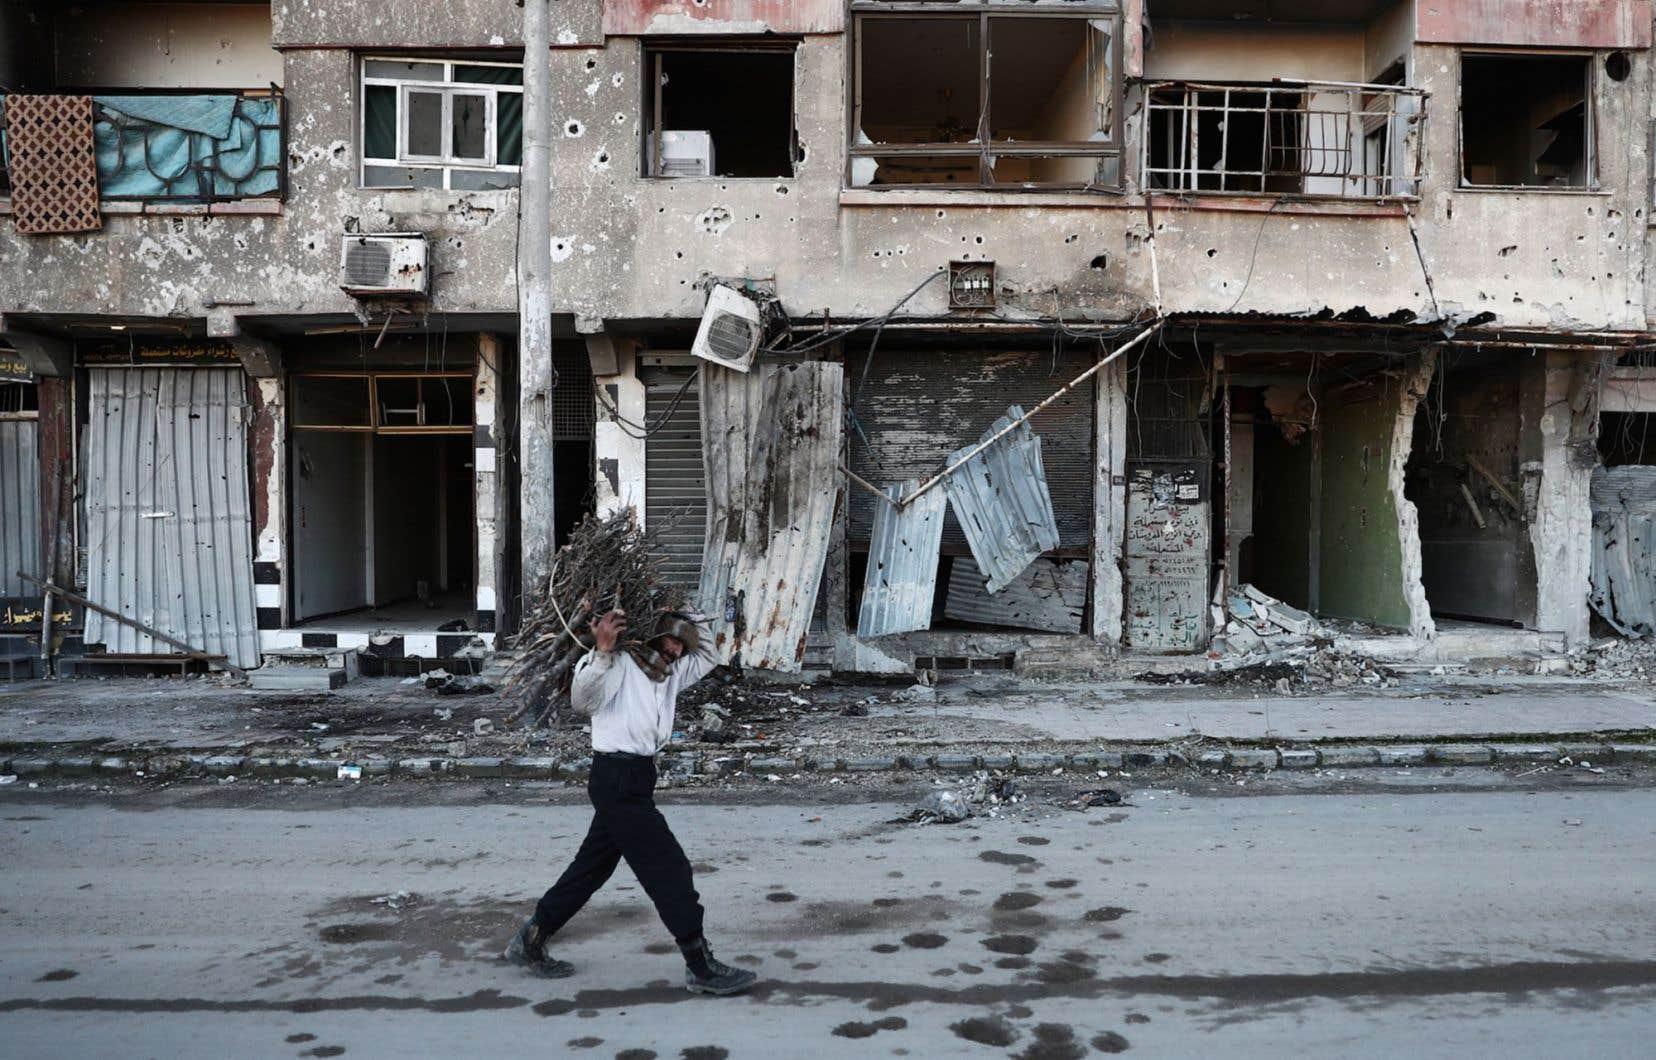 Le cessez-le-feu négocié par la Russie et la Turquie, qui appuient des camps rivaux dans le conflit syrien, doit être suivi de pourparlers plus tard ce mois-ci dans la capitale kazakhe d'Astana.